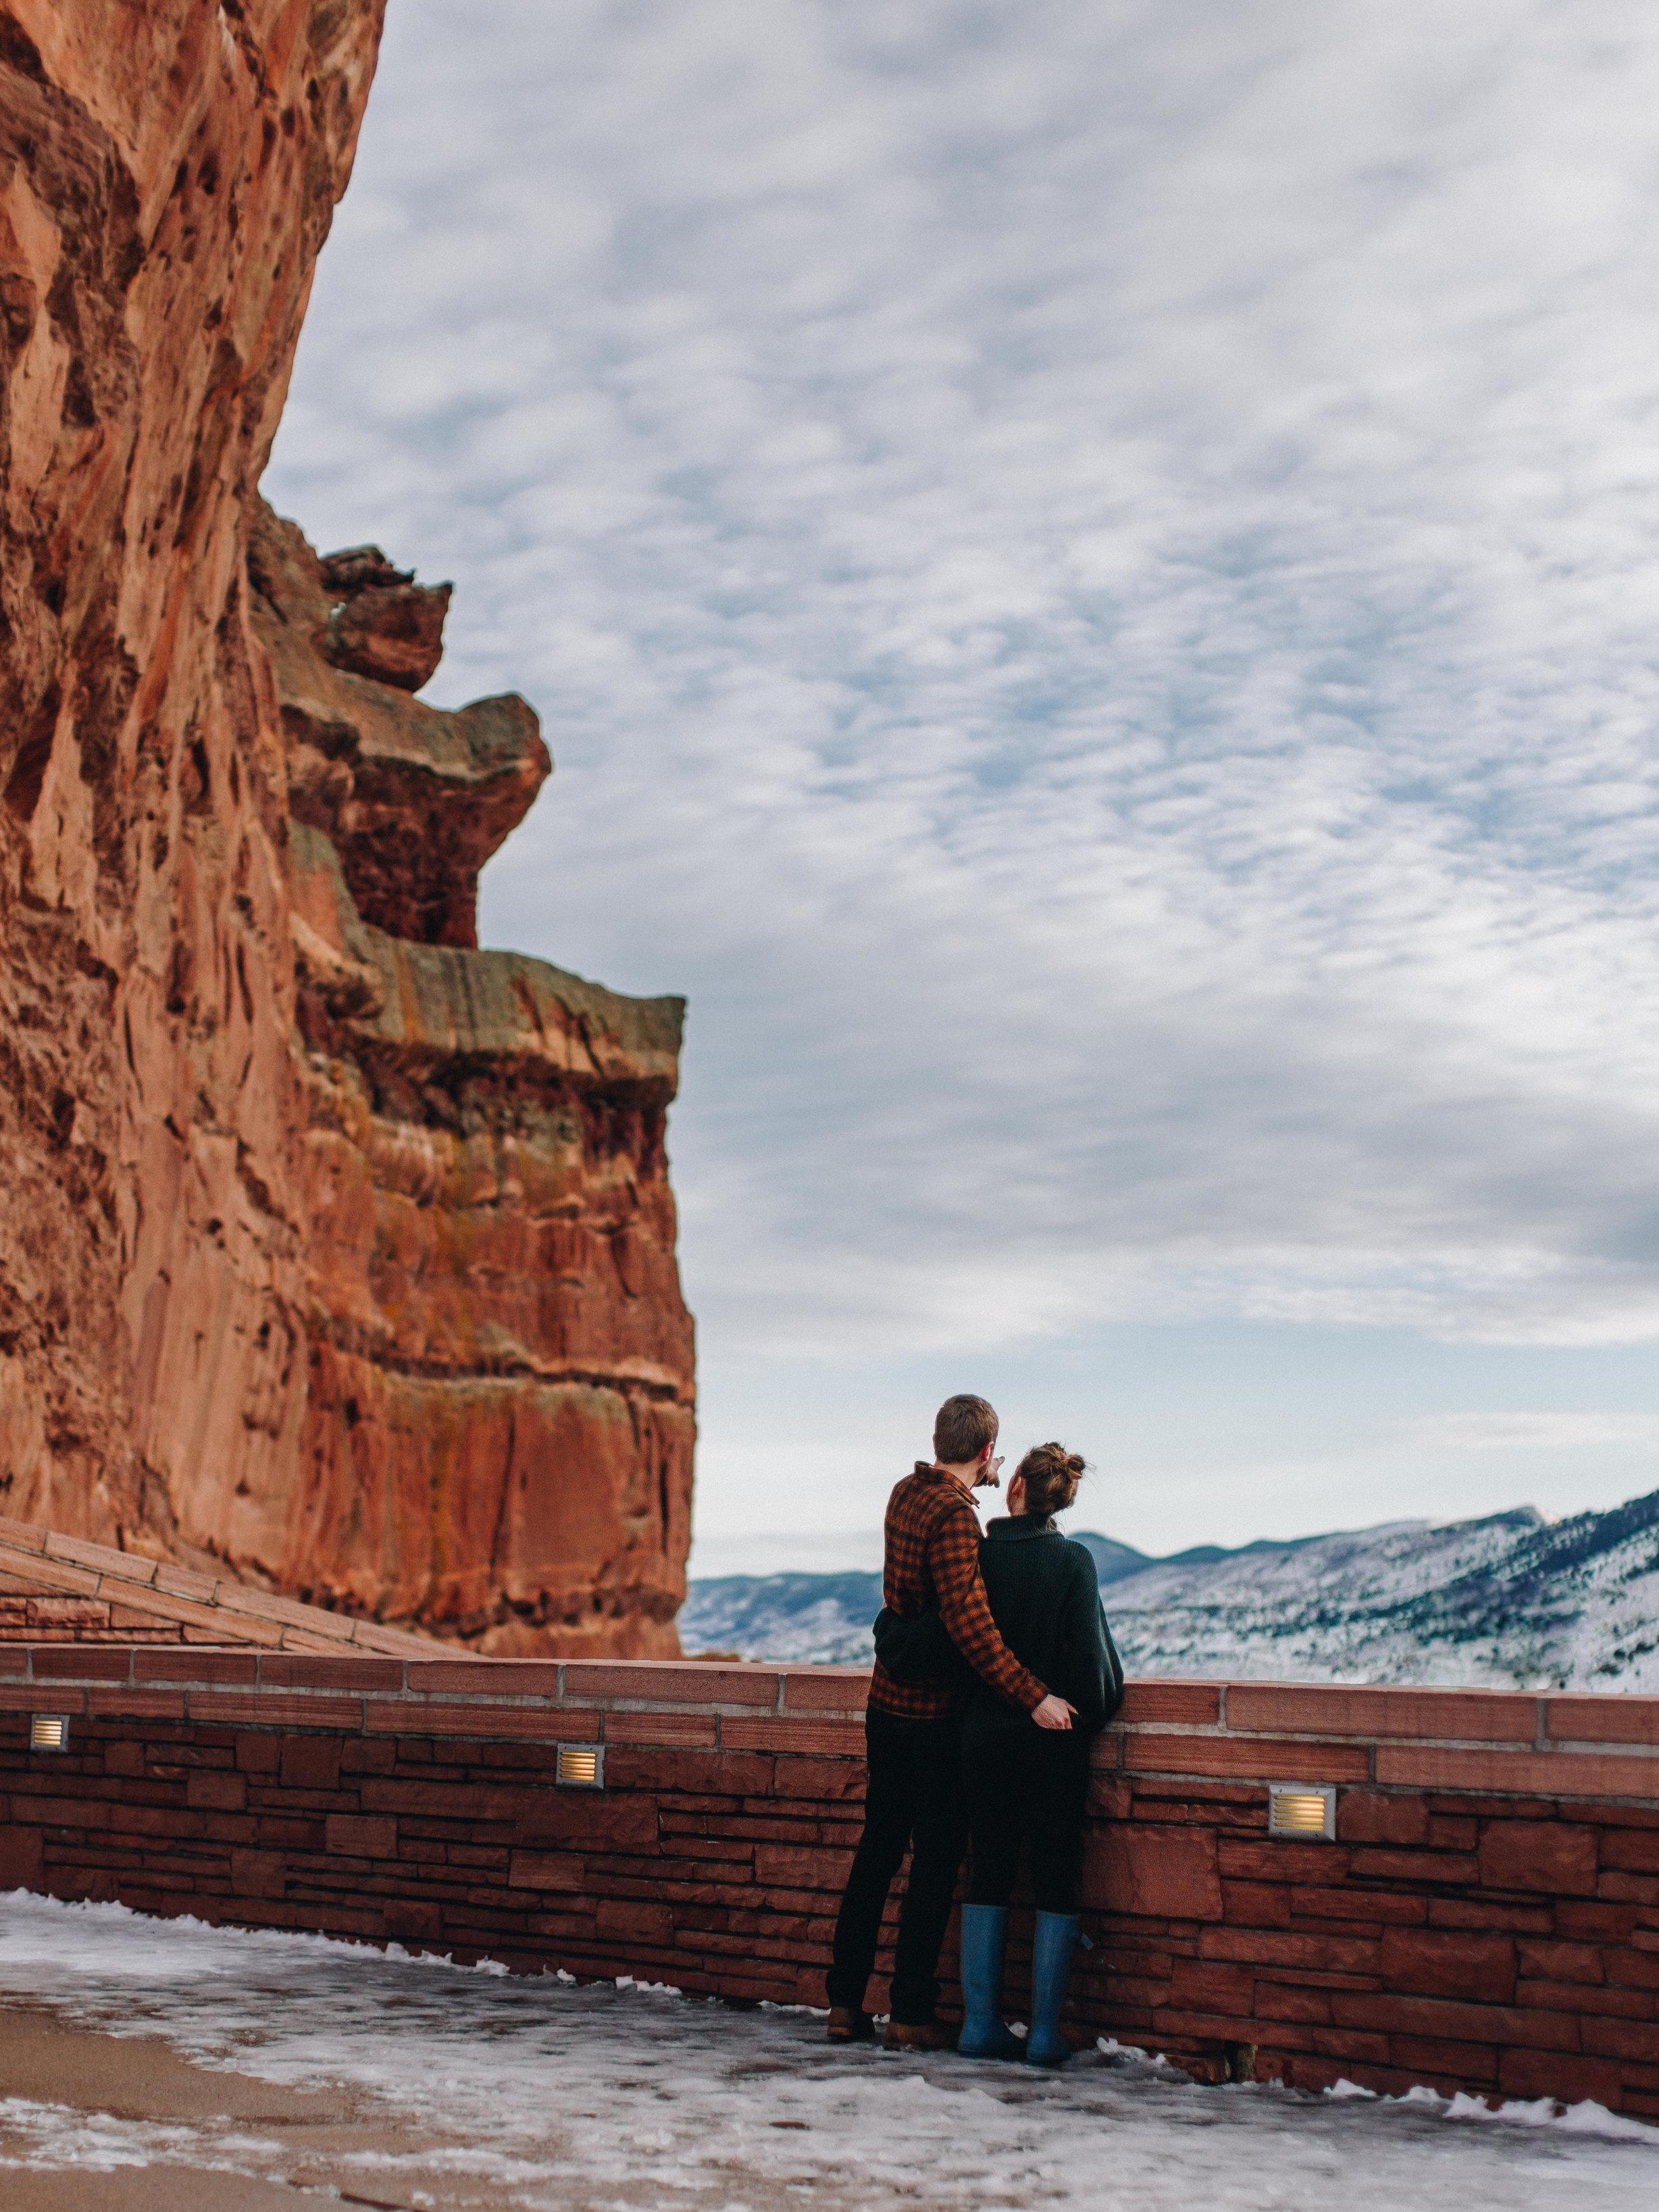 Liz+and+Josh+Engagement-37.jpg